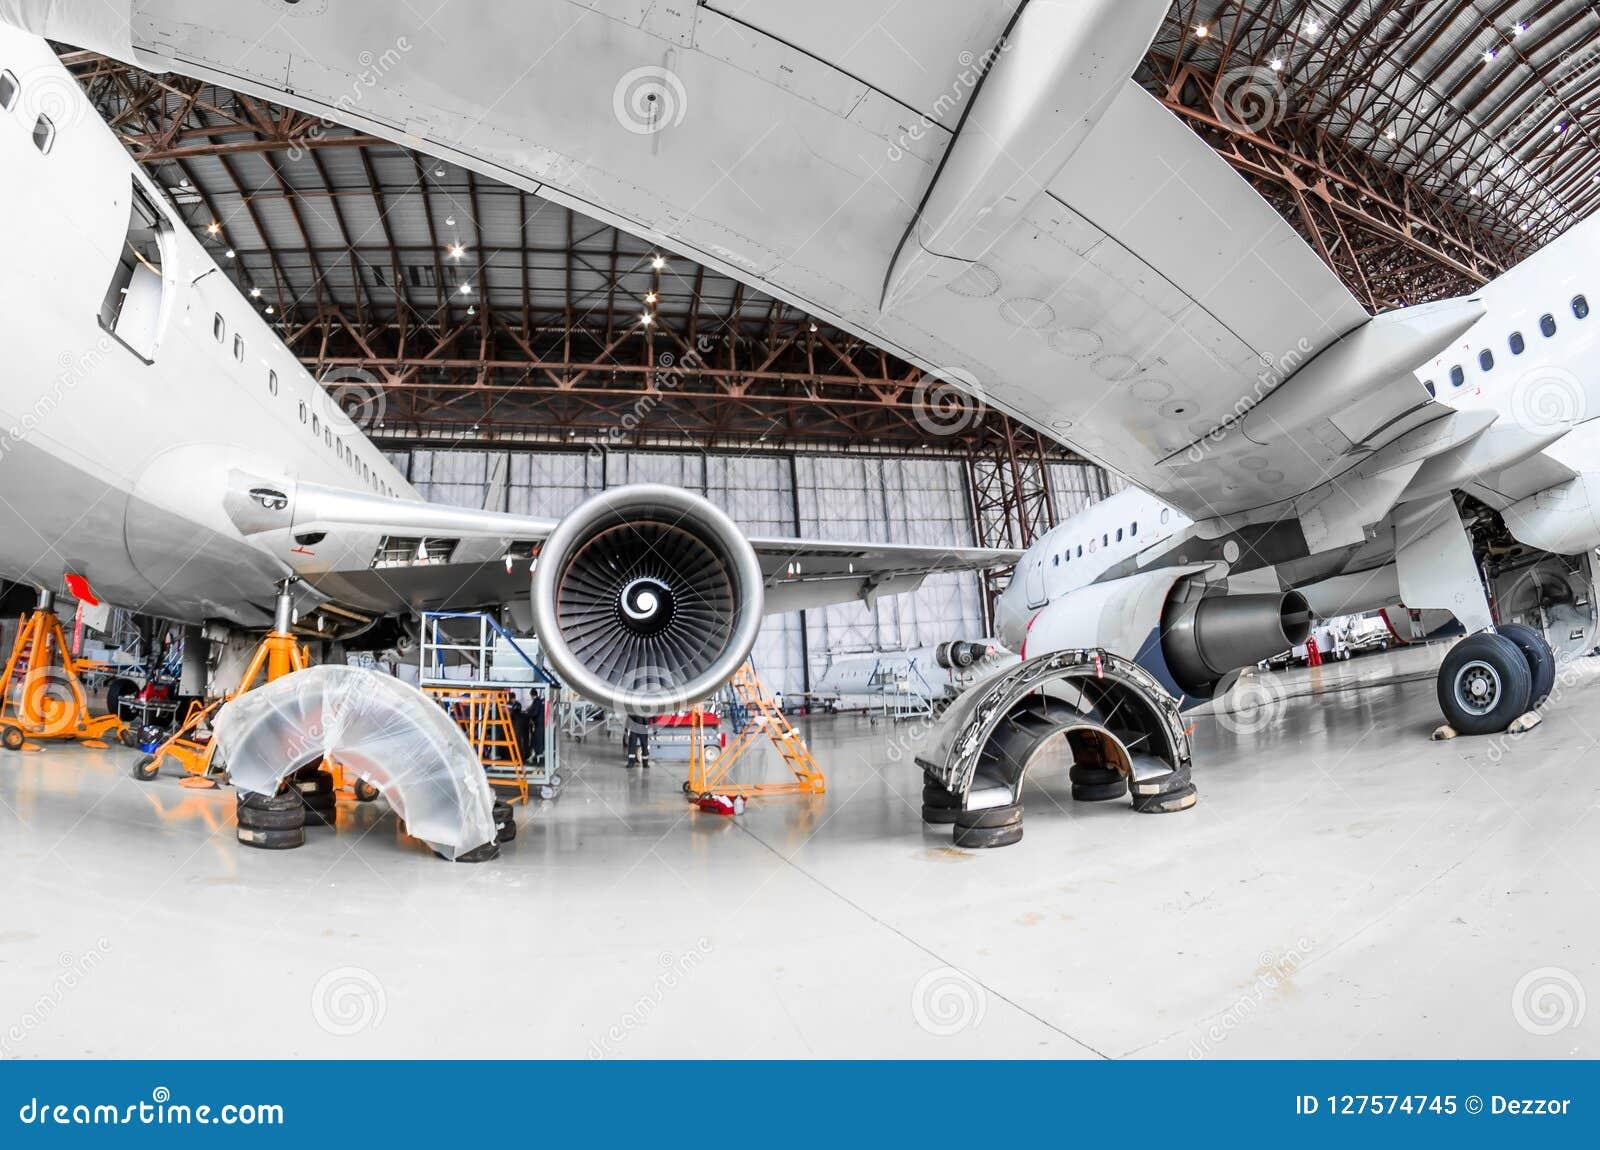 Samolot w hangar naprawie utrzymaniu i, widok spod skrzydła samolot